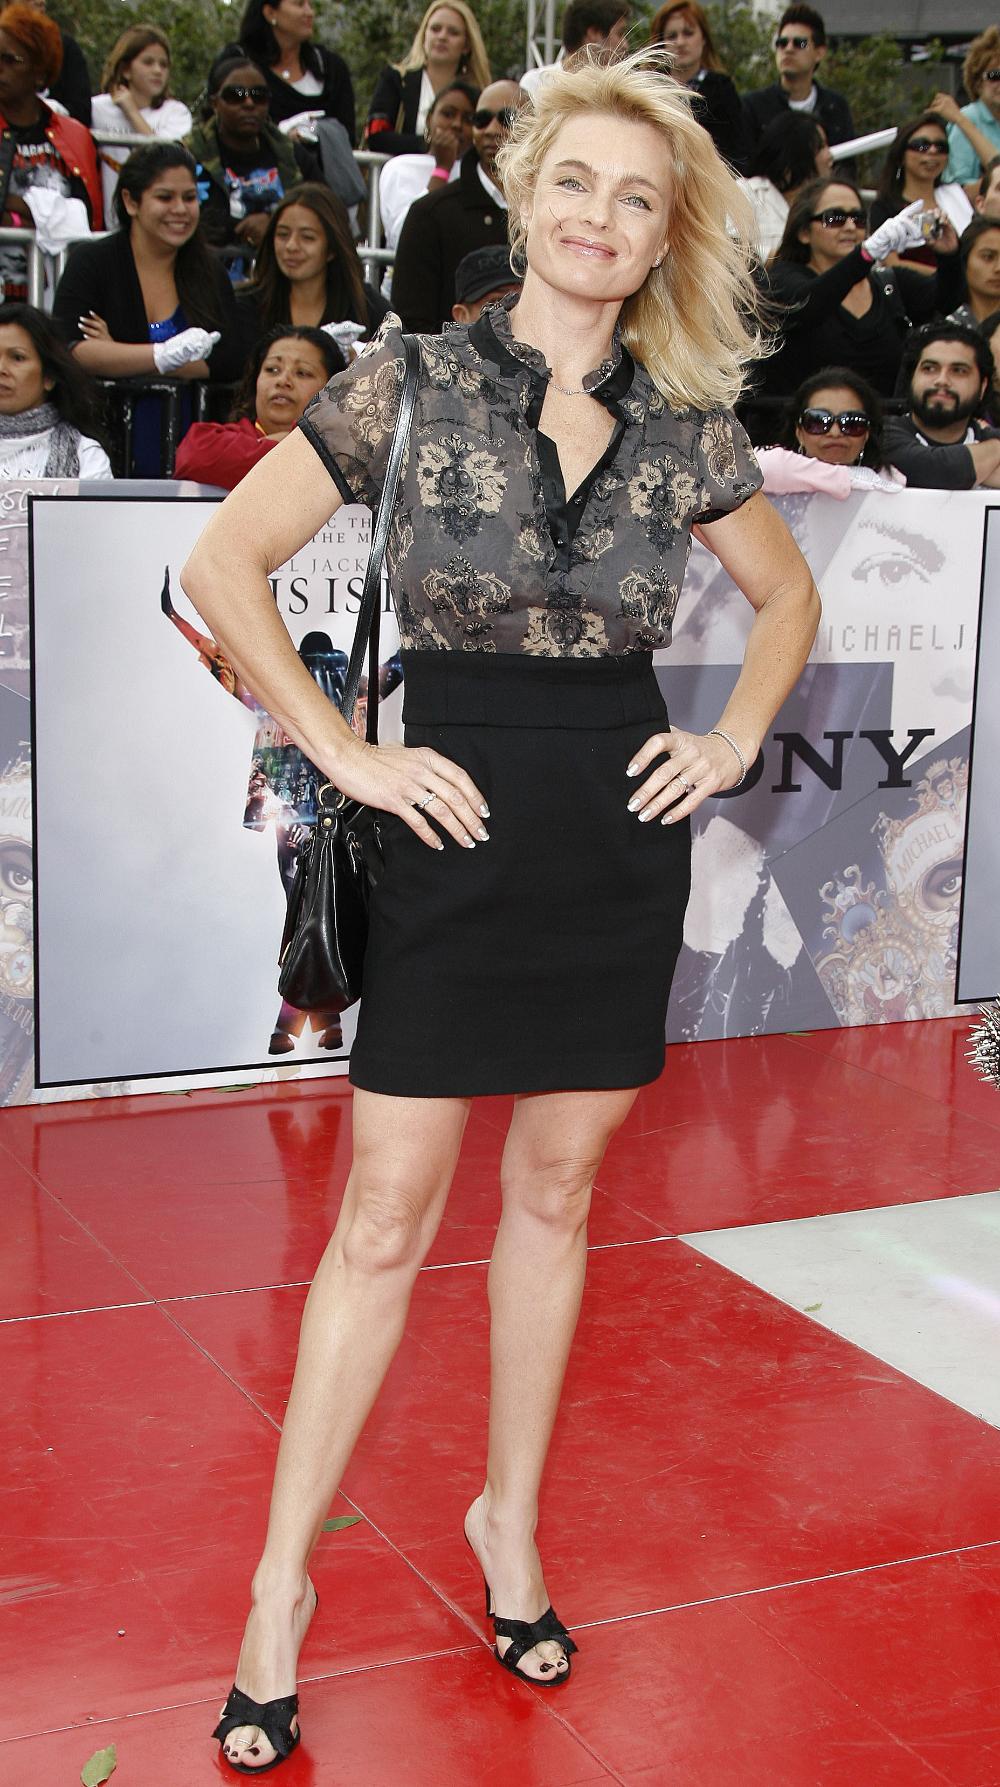 Amy Adams Wikifeet erika eleniak's feet << wikifeet | erika eleniak, good